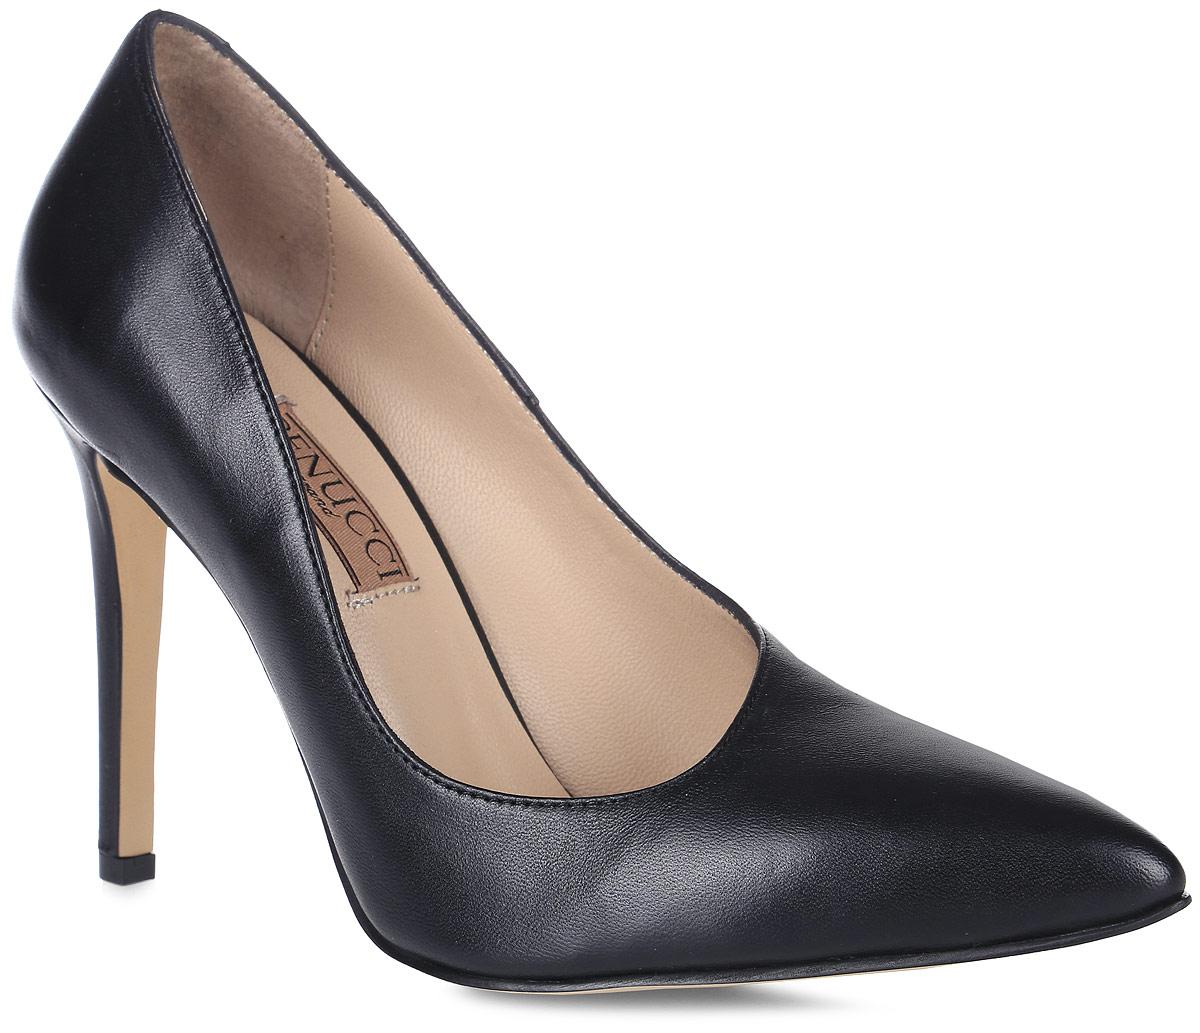 Туфли5870_кожаИзысканные женские туфли от Benucci поразят вас своим дизайном! Модель выполнена из натуральной кожи. Подкладка и стелька - из натуральной кожи позволят ногам дышать и обеспечат максимальный комфорт при ходьбе. Зауженный носок добавит женственности в ваш образ. Высокий каблук-шпилька устойчив. Подошва с рифлением обеспечивает идеальное сцепление с любой поверхностью. Изысканные туфли добавят в ваш образ немного шарма и подчеркнут ваш безупречный вкус.